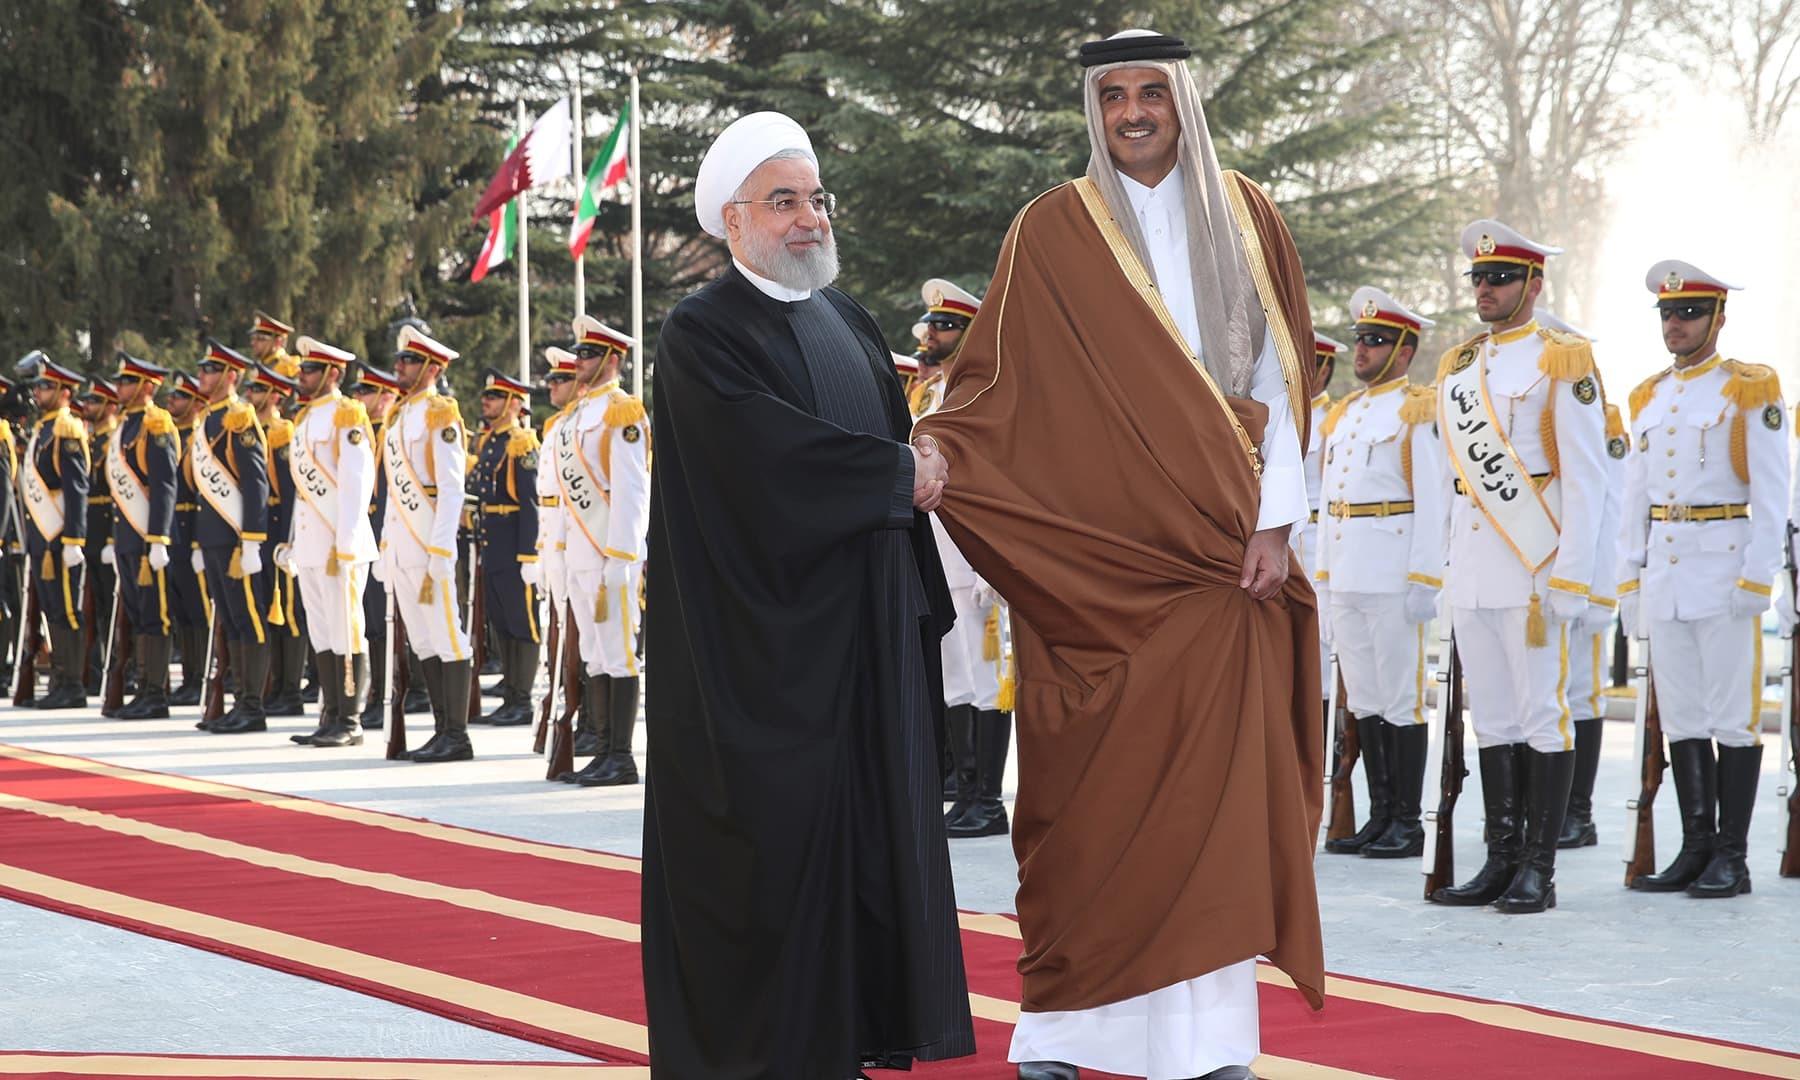 امیر قطر کا دورہ ایران: 'تناؤ میں کمی اور مذاکرات ضروری ہیں'